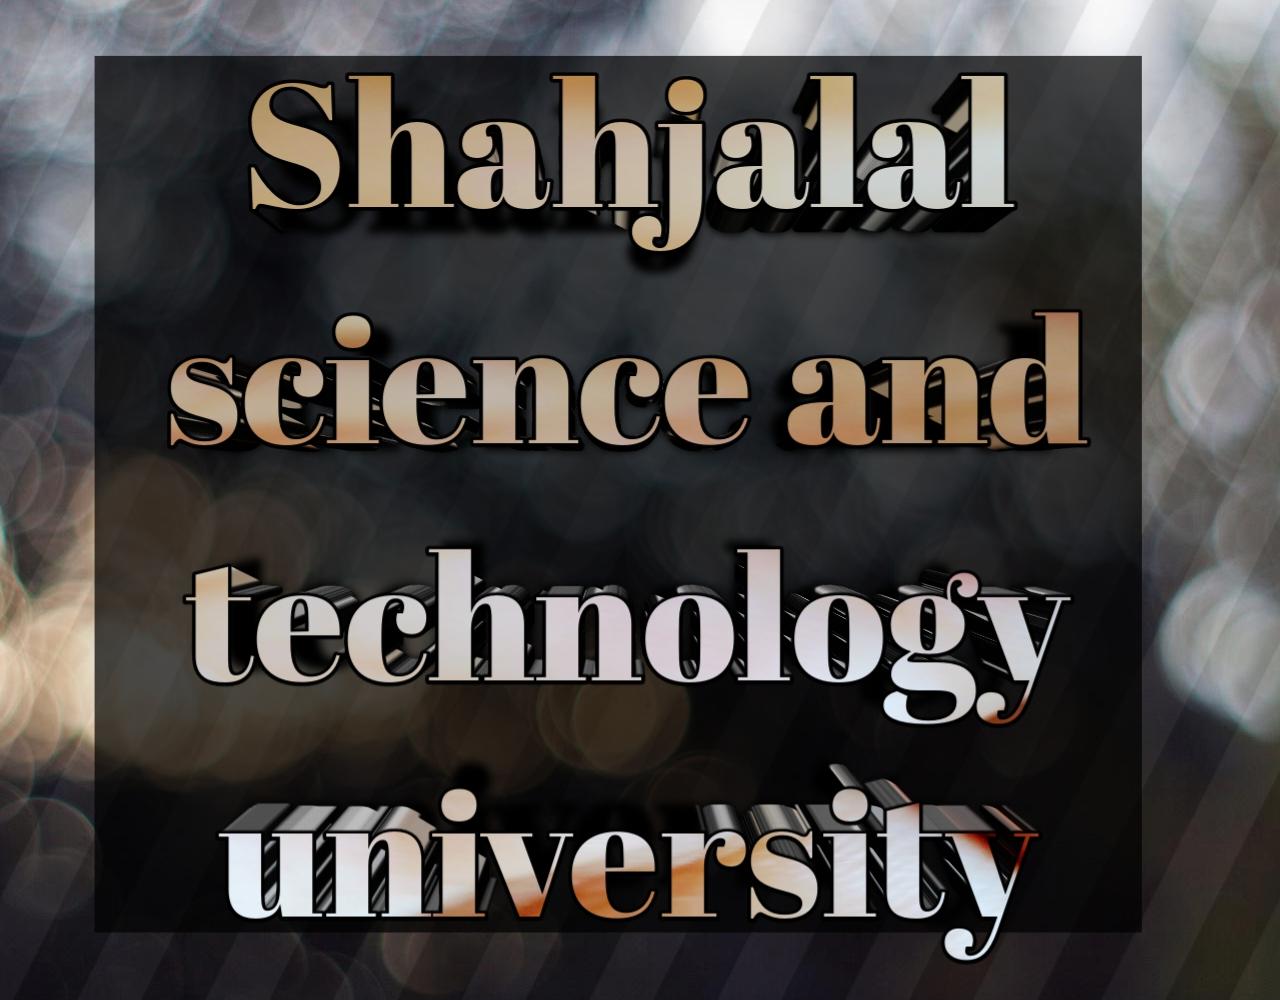 শাহজালাল বিজ্ঞান ও প্রযুক্তি বিশ্ববিদ্যালয়ে ভর্তি পরীক্ষার পদ্ধতি 2020-2021, shahjalal Science and technology University Admission system 2020-2021, shahjalal Science and technology University admission test exam 2020-2021, শাহজালাল বিজ্ঞান প্রযুক্তি বিশ্ববিদ্যালয়ে আবেদনের যোগ্যতা ২০২০-২১, shahjalal Science and technology University admission ability 2020-2021, শাহজালাল বিজ্ঞান ও প্রযুক্তি বিশ্ববিদ্যালয়ে আবেদনের ন্যূনতম জিপিএ,  shahjalal Science and technology University admission test, শাহজালাল বিজ্ঞান ও প্রযুক্তি বিশ্ববিদ্যালয়ের ভর্তি পরীক্ষার নম্বর বন্টন ২০২০-২০২১, shahjalal Science and technology University subject list, শাহজালাল বিজ্ঞান ও প্রযুক্তি বিশ্ববিদ্যালয়ের ভর্তি পরীক্ষার তারিখ ২০২০-২০২১, shahjalal Science and technology University admission date 2020-2021, শাহজালাল বিজ্ঞান ও প্রযুক্তি বিশ্ববিদ্যালয় আসন সংখ্যা 2020-2021, shahjalal Science and technology University admission seat 2020-2021, শাহজালাল বিজ্ঞান ও প্রযুক্তি বিশ্ববিদ্যালয় আবেদন ফি 2020-2021, shahjalal Science and technology University admission fee 2020-2021,